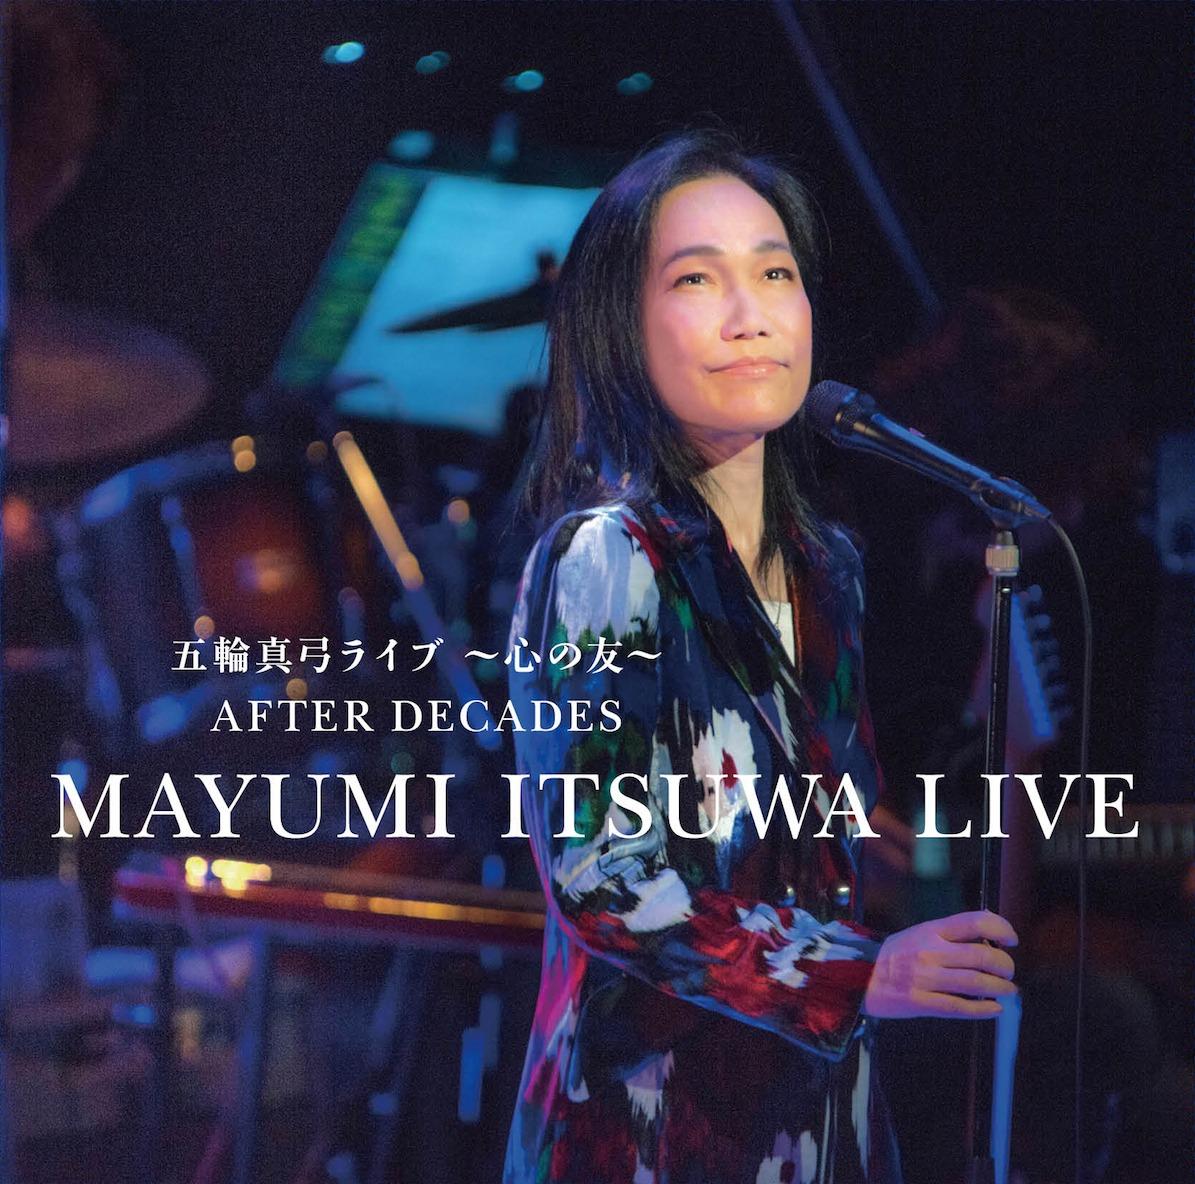 Free Download Mp3 Mayumi Itsuwa Amayadori